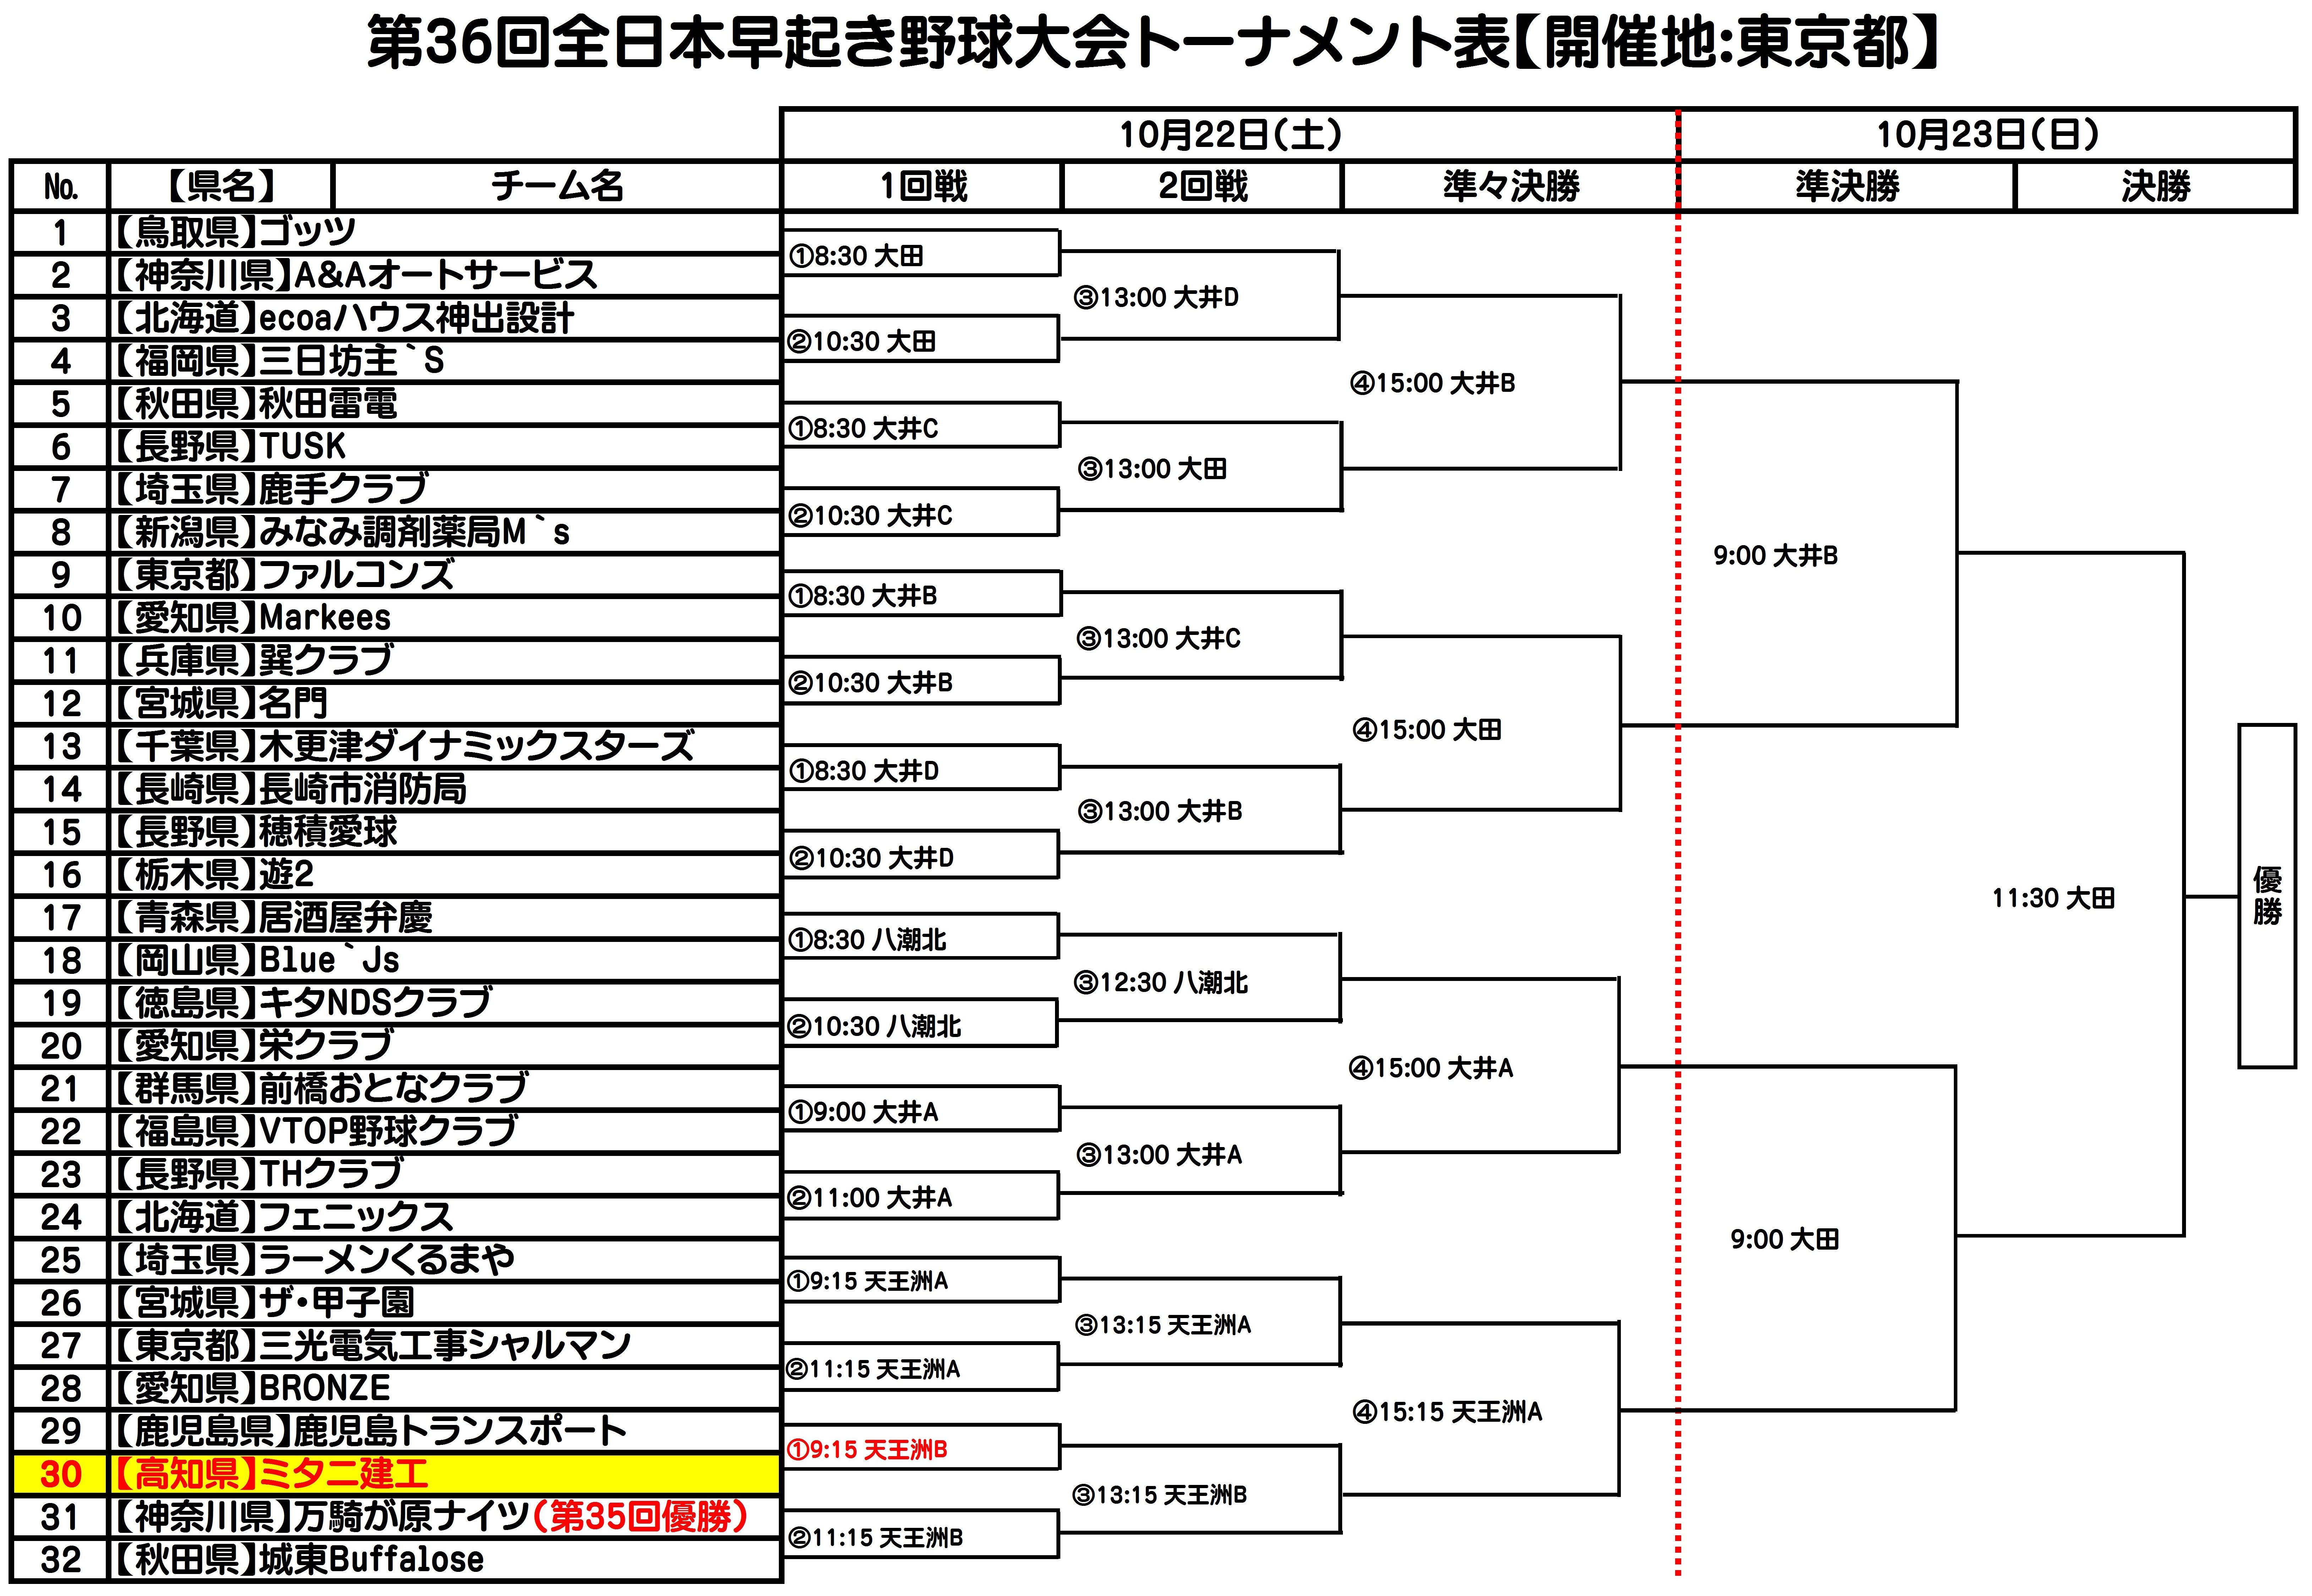 全日本早起き野球日程表